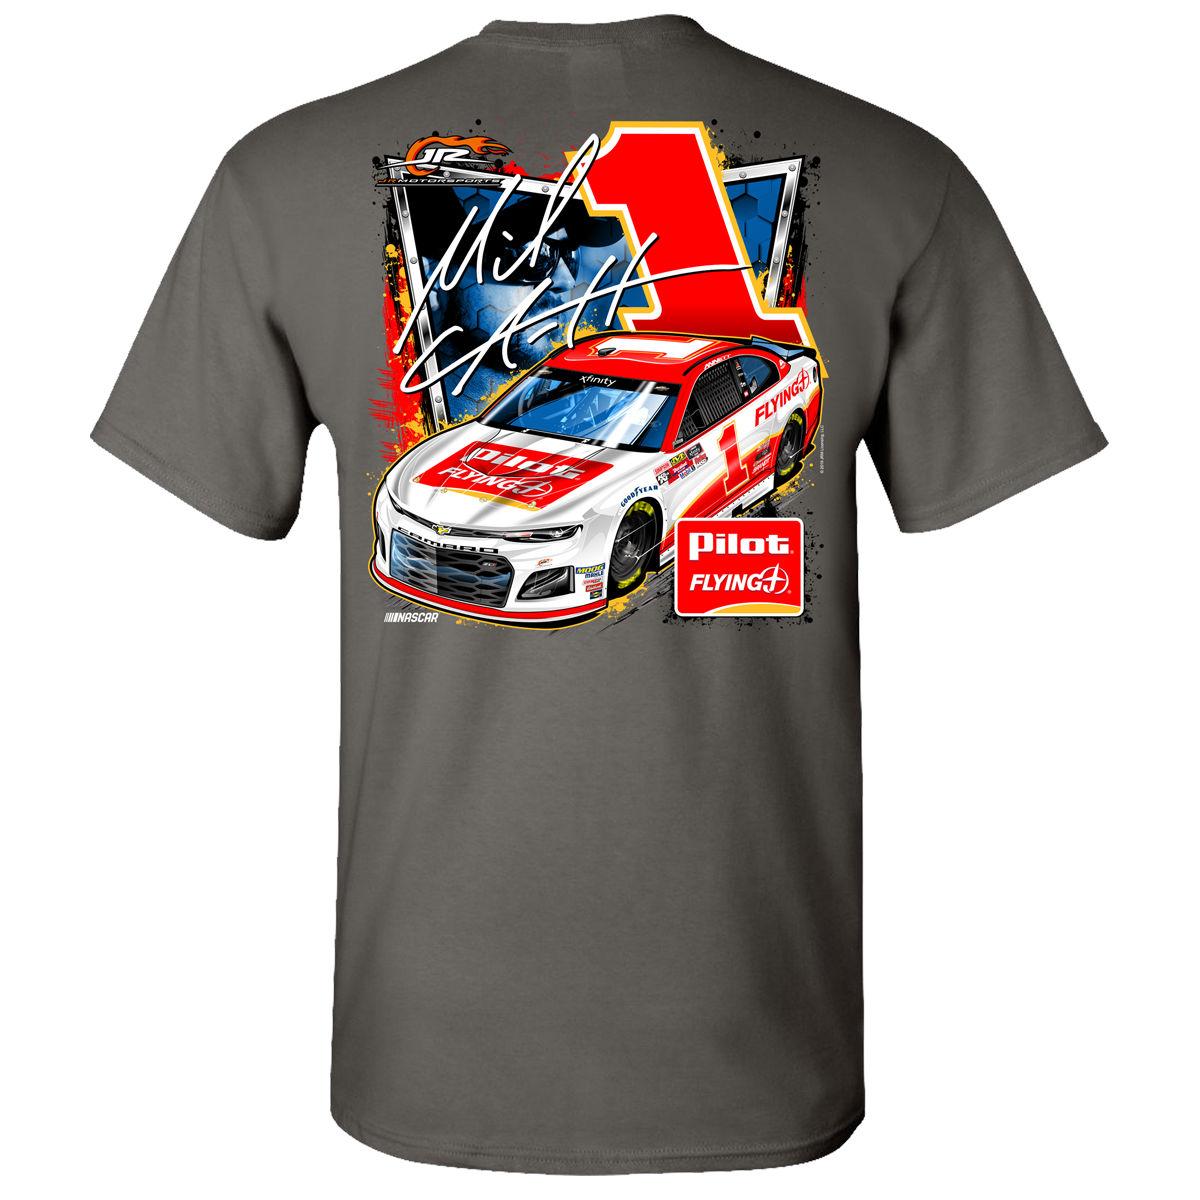 2019 NASCAR #1 Michael Annett Pilot Flying J Charcoal T-shirt